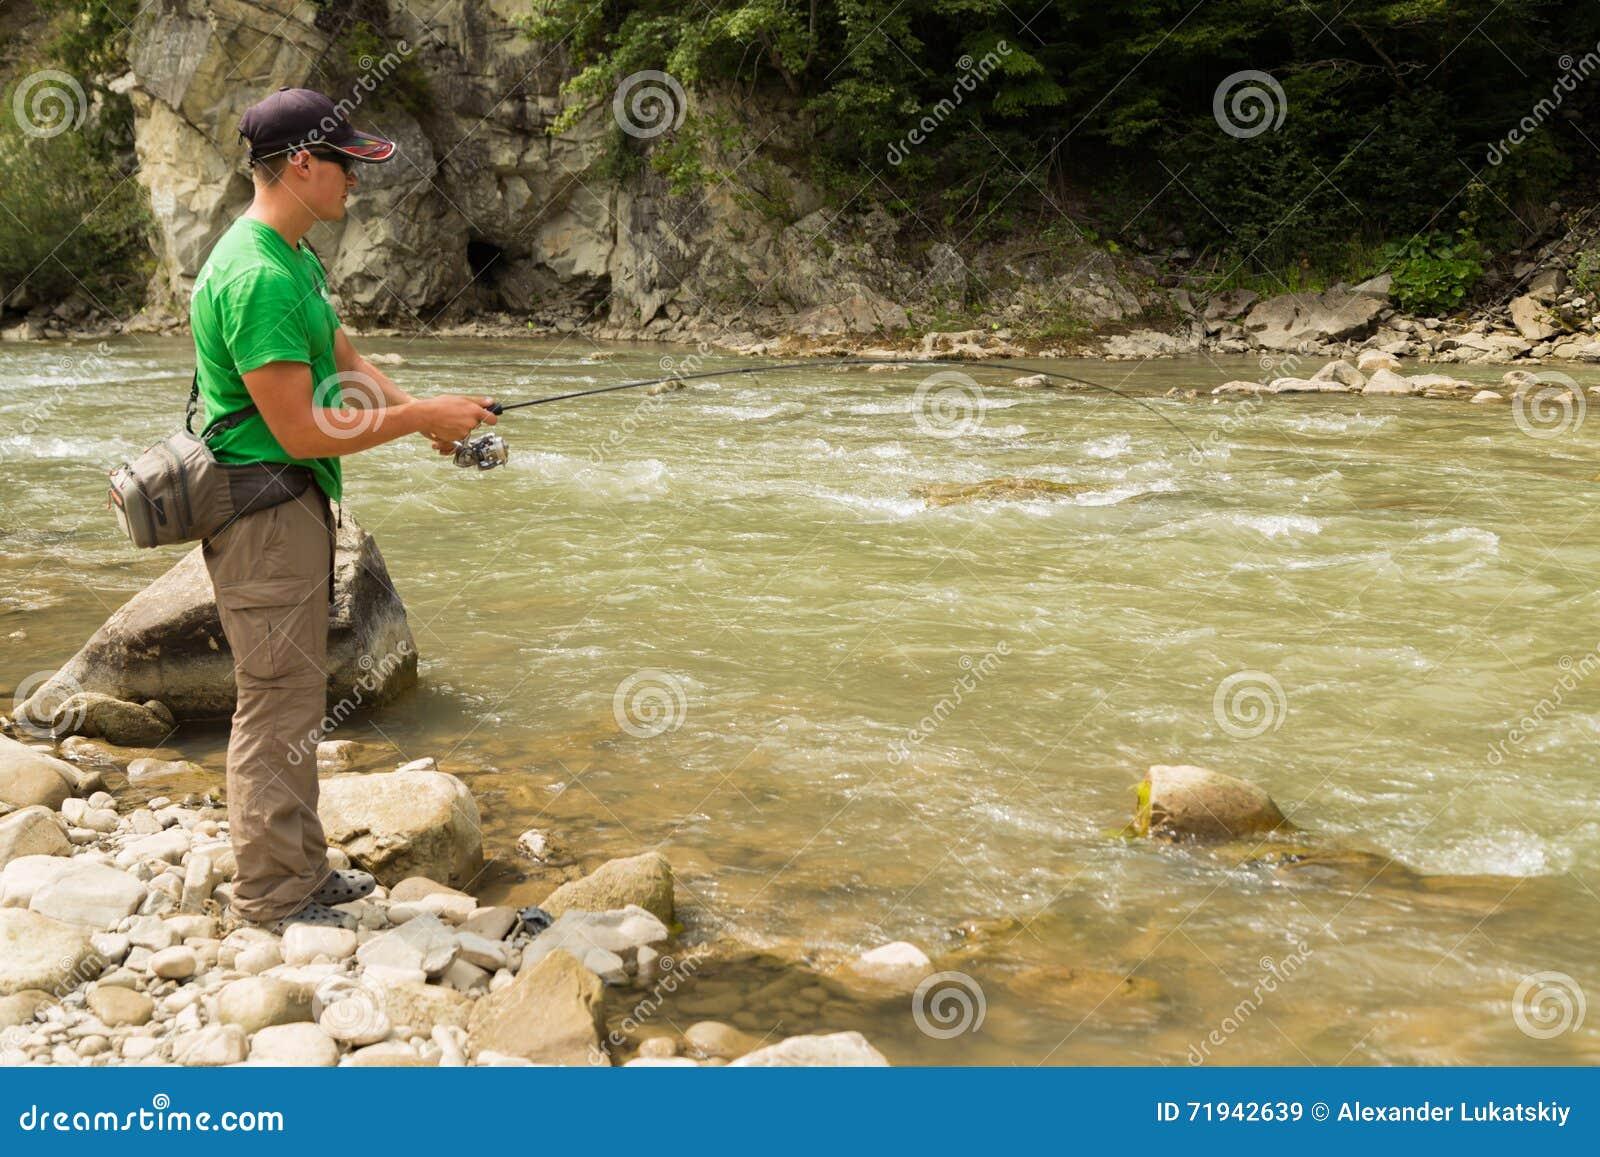 Рыбная ловля форели в реке горы